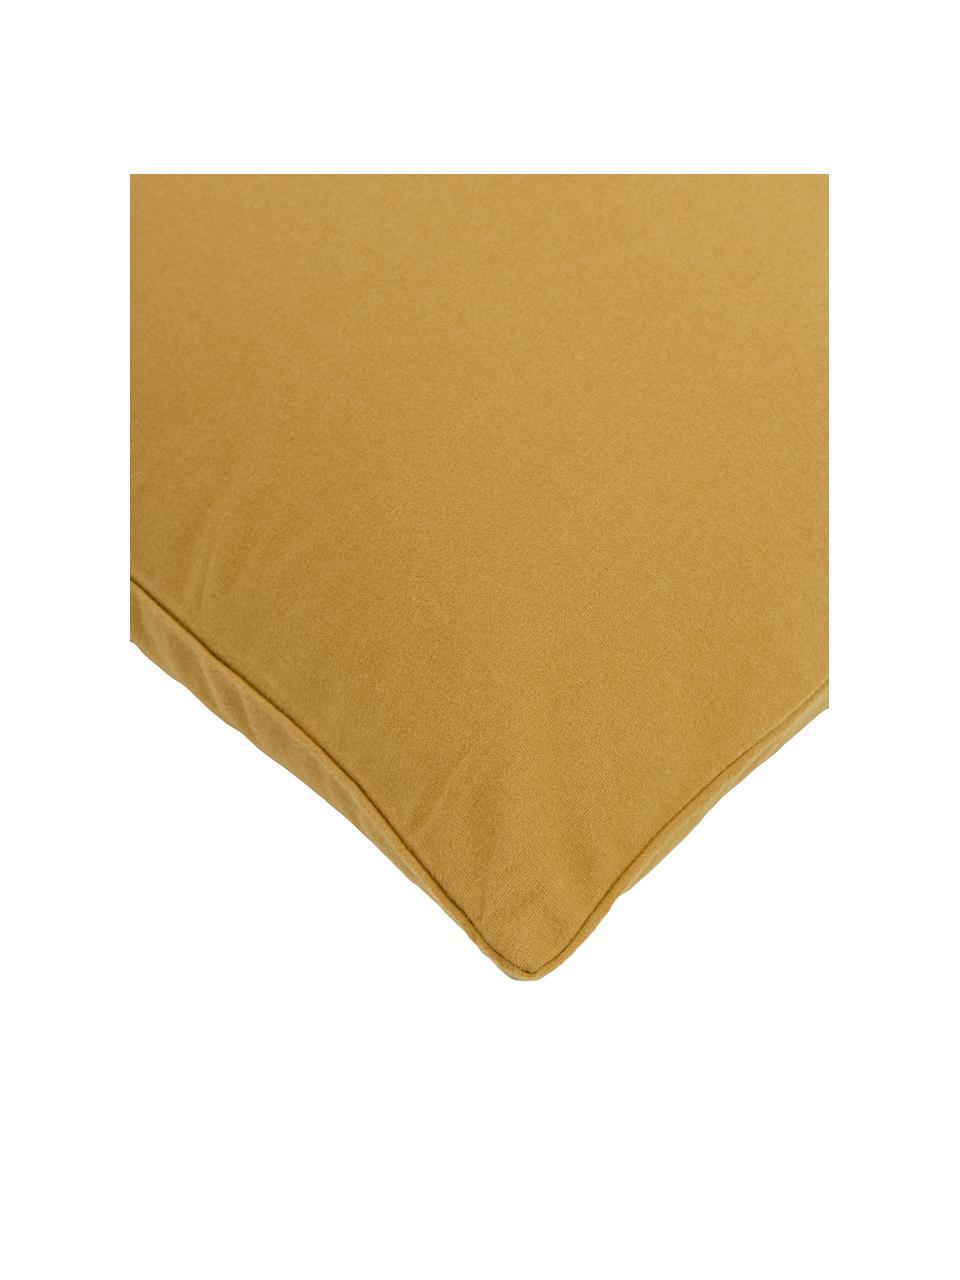 Flanell-Bettwäsche Biba in Senfgelb, Webart: Flanell Flanell ist ein k, Gelb, 135 x 200 cm + 1 Kissen 80 x 80 cm